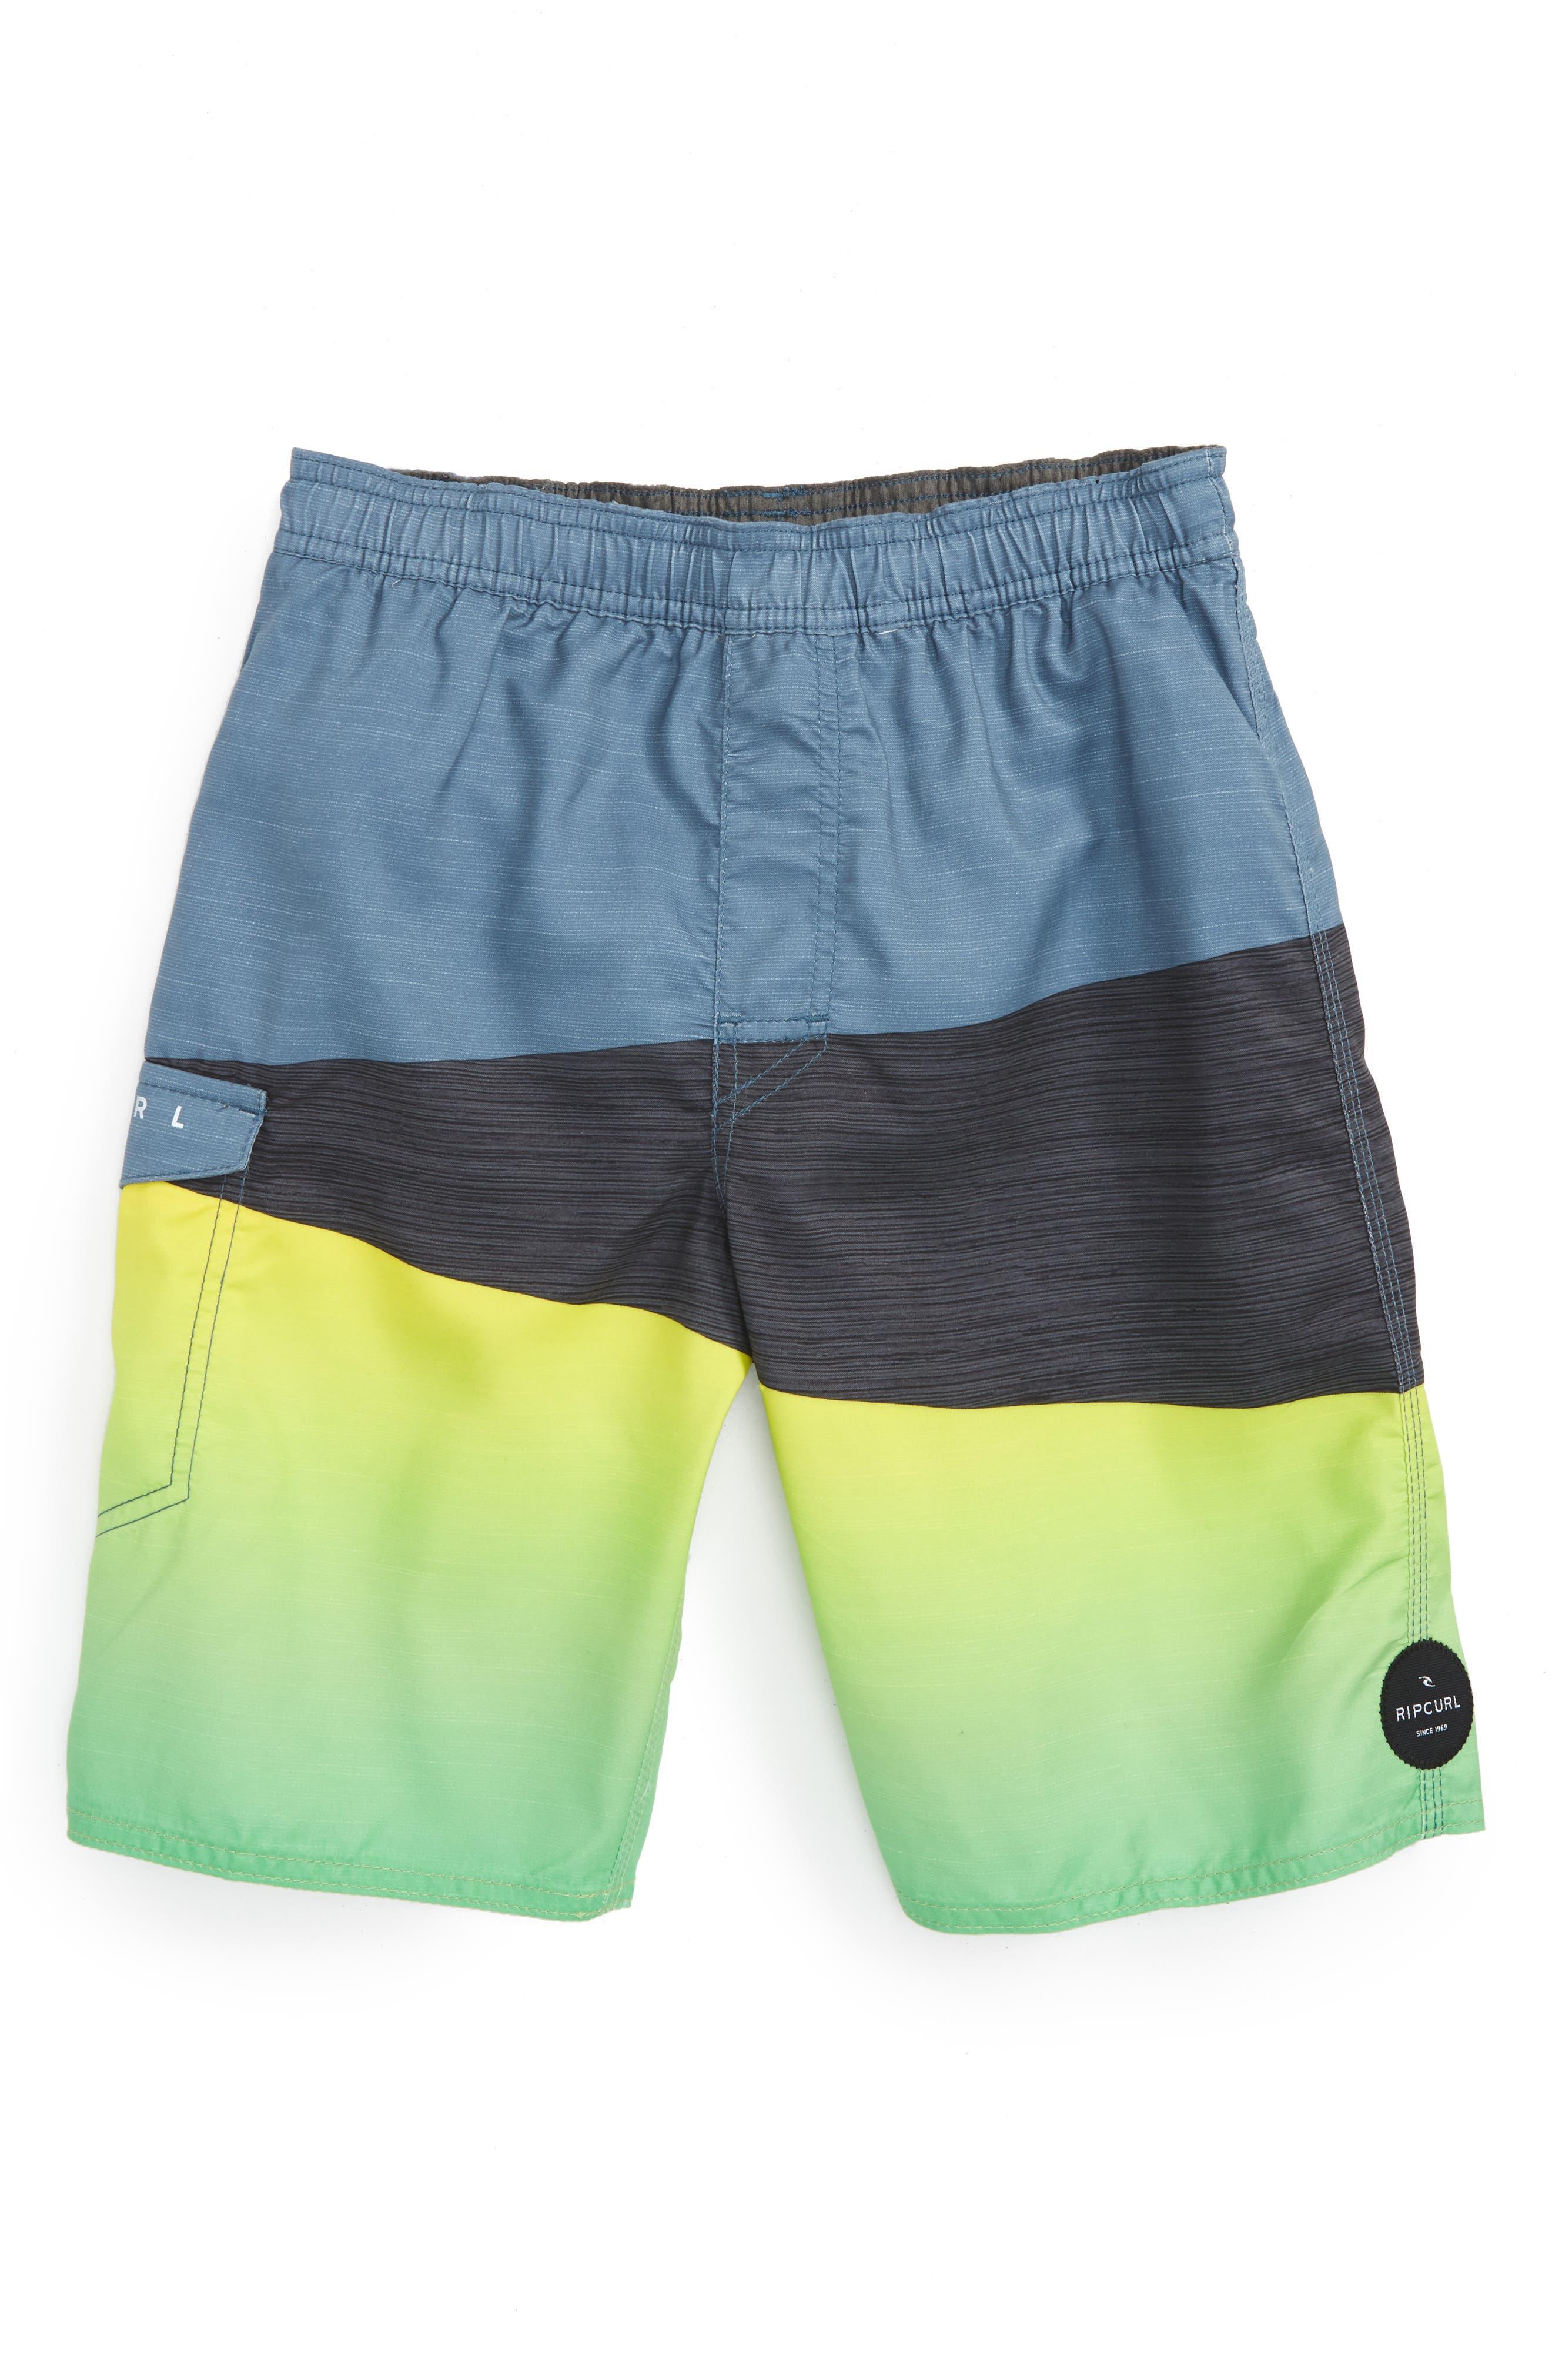 Rip Curl Wedge Board Shorts (Big Boys)